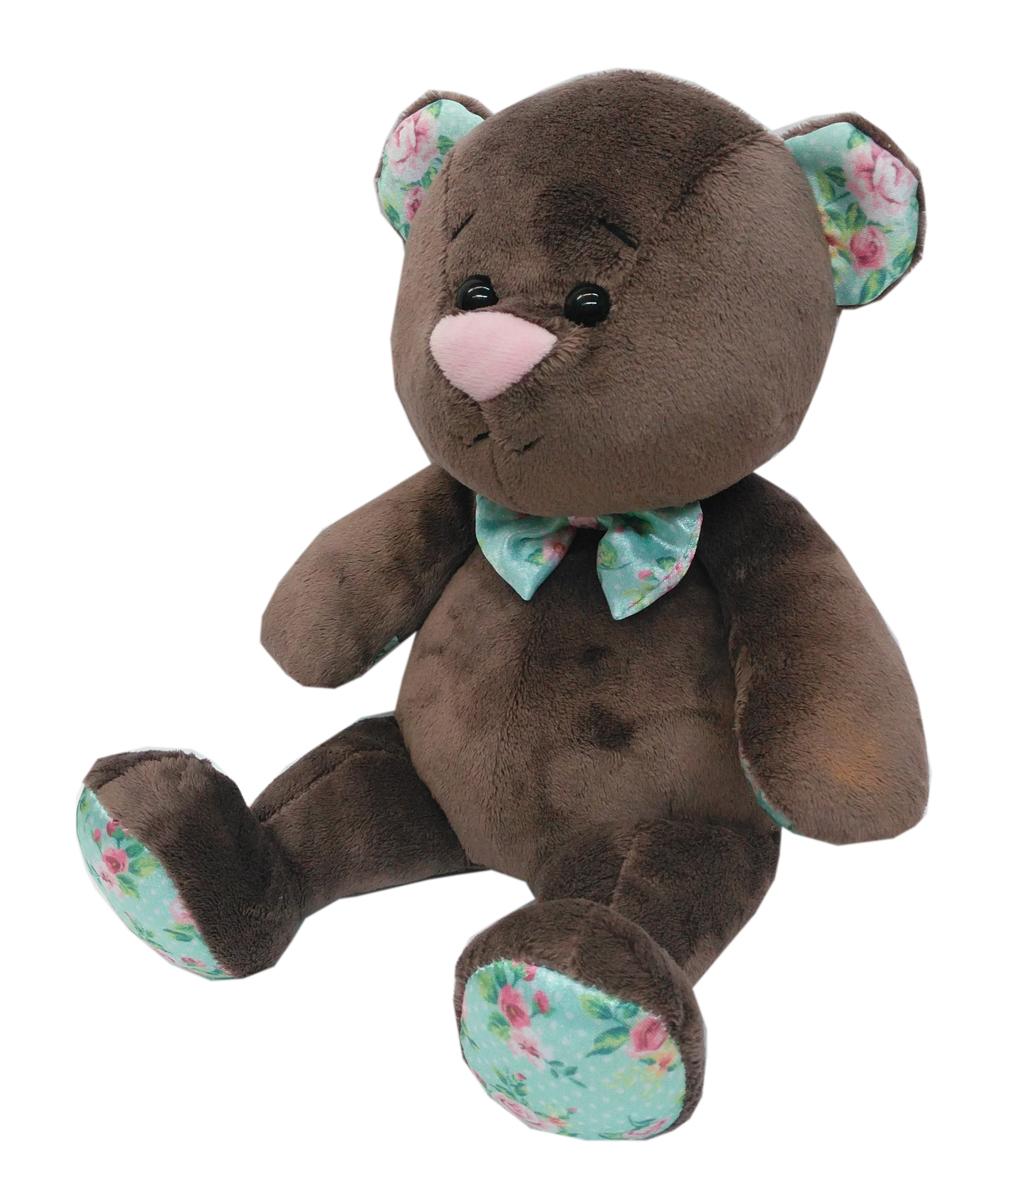 СмолТойс Мягкая игрушка Медвежонок Тедди 30 см мягкая игрушка смолтойс медвежонок тедди коричневый 30 см